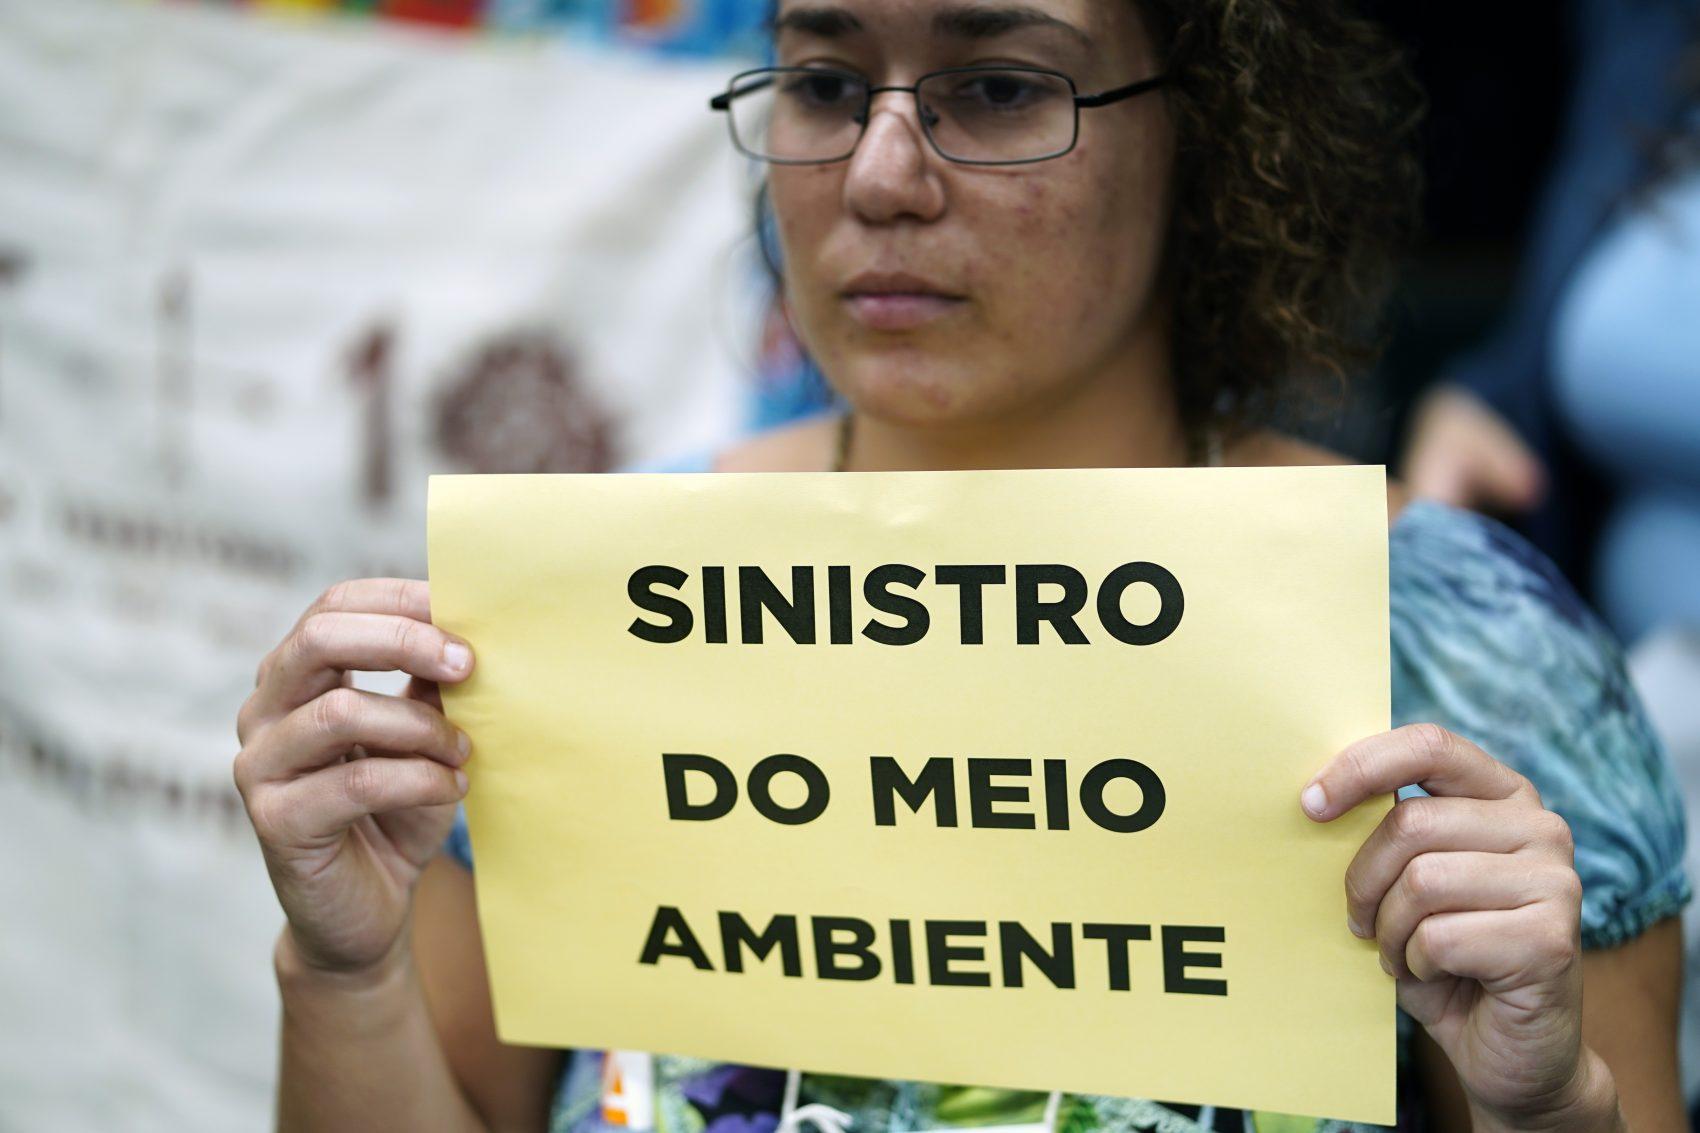 Ministro Ricardo Salles enfrenta com tranquilidade cinco horas de protesto e sabatina na Câmara: caneladas ambientais (Foto: Pablo Valadares)